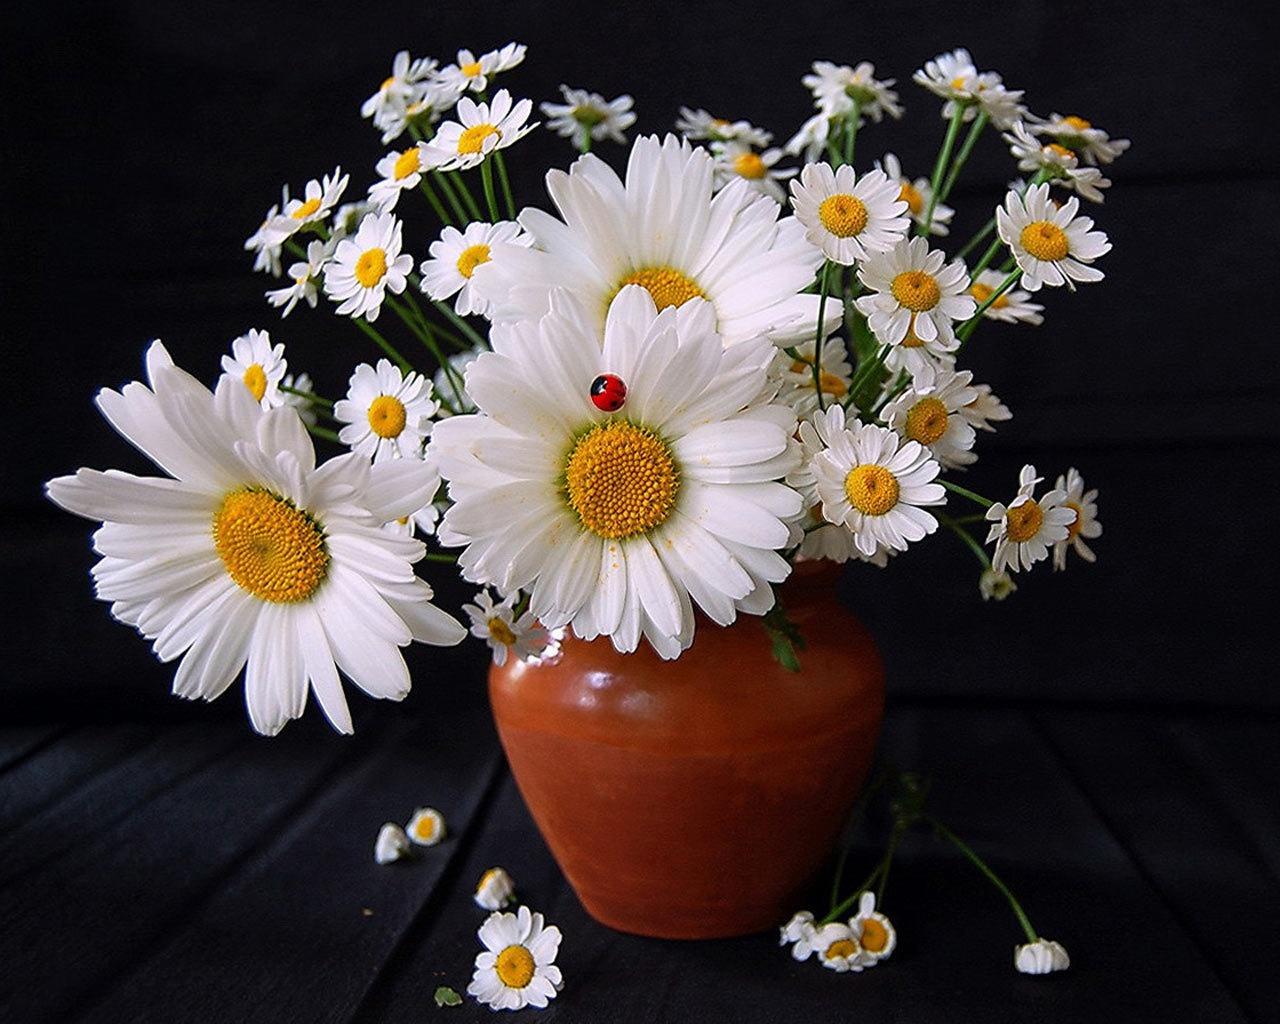 красивые детские стихи про цветы ромашки с фото